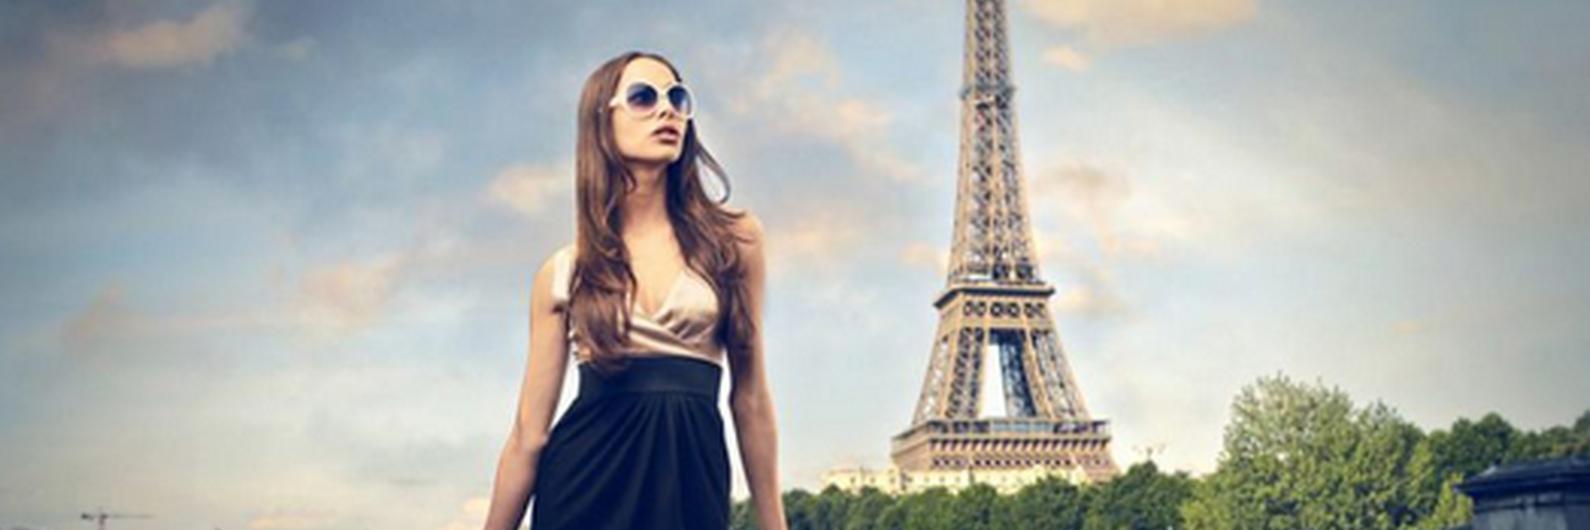 Respire fundo e deixe-se seduzir pelo epicentro da moda. Bonjour Paris